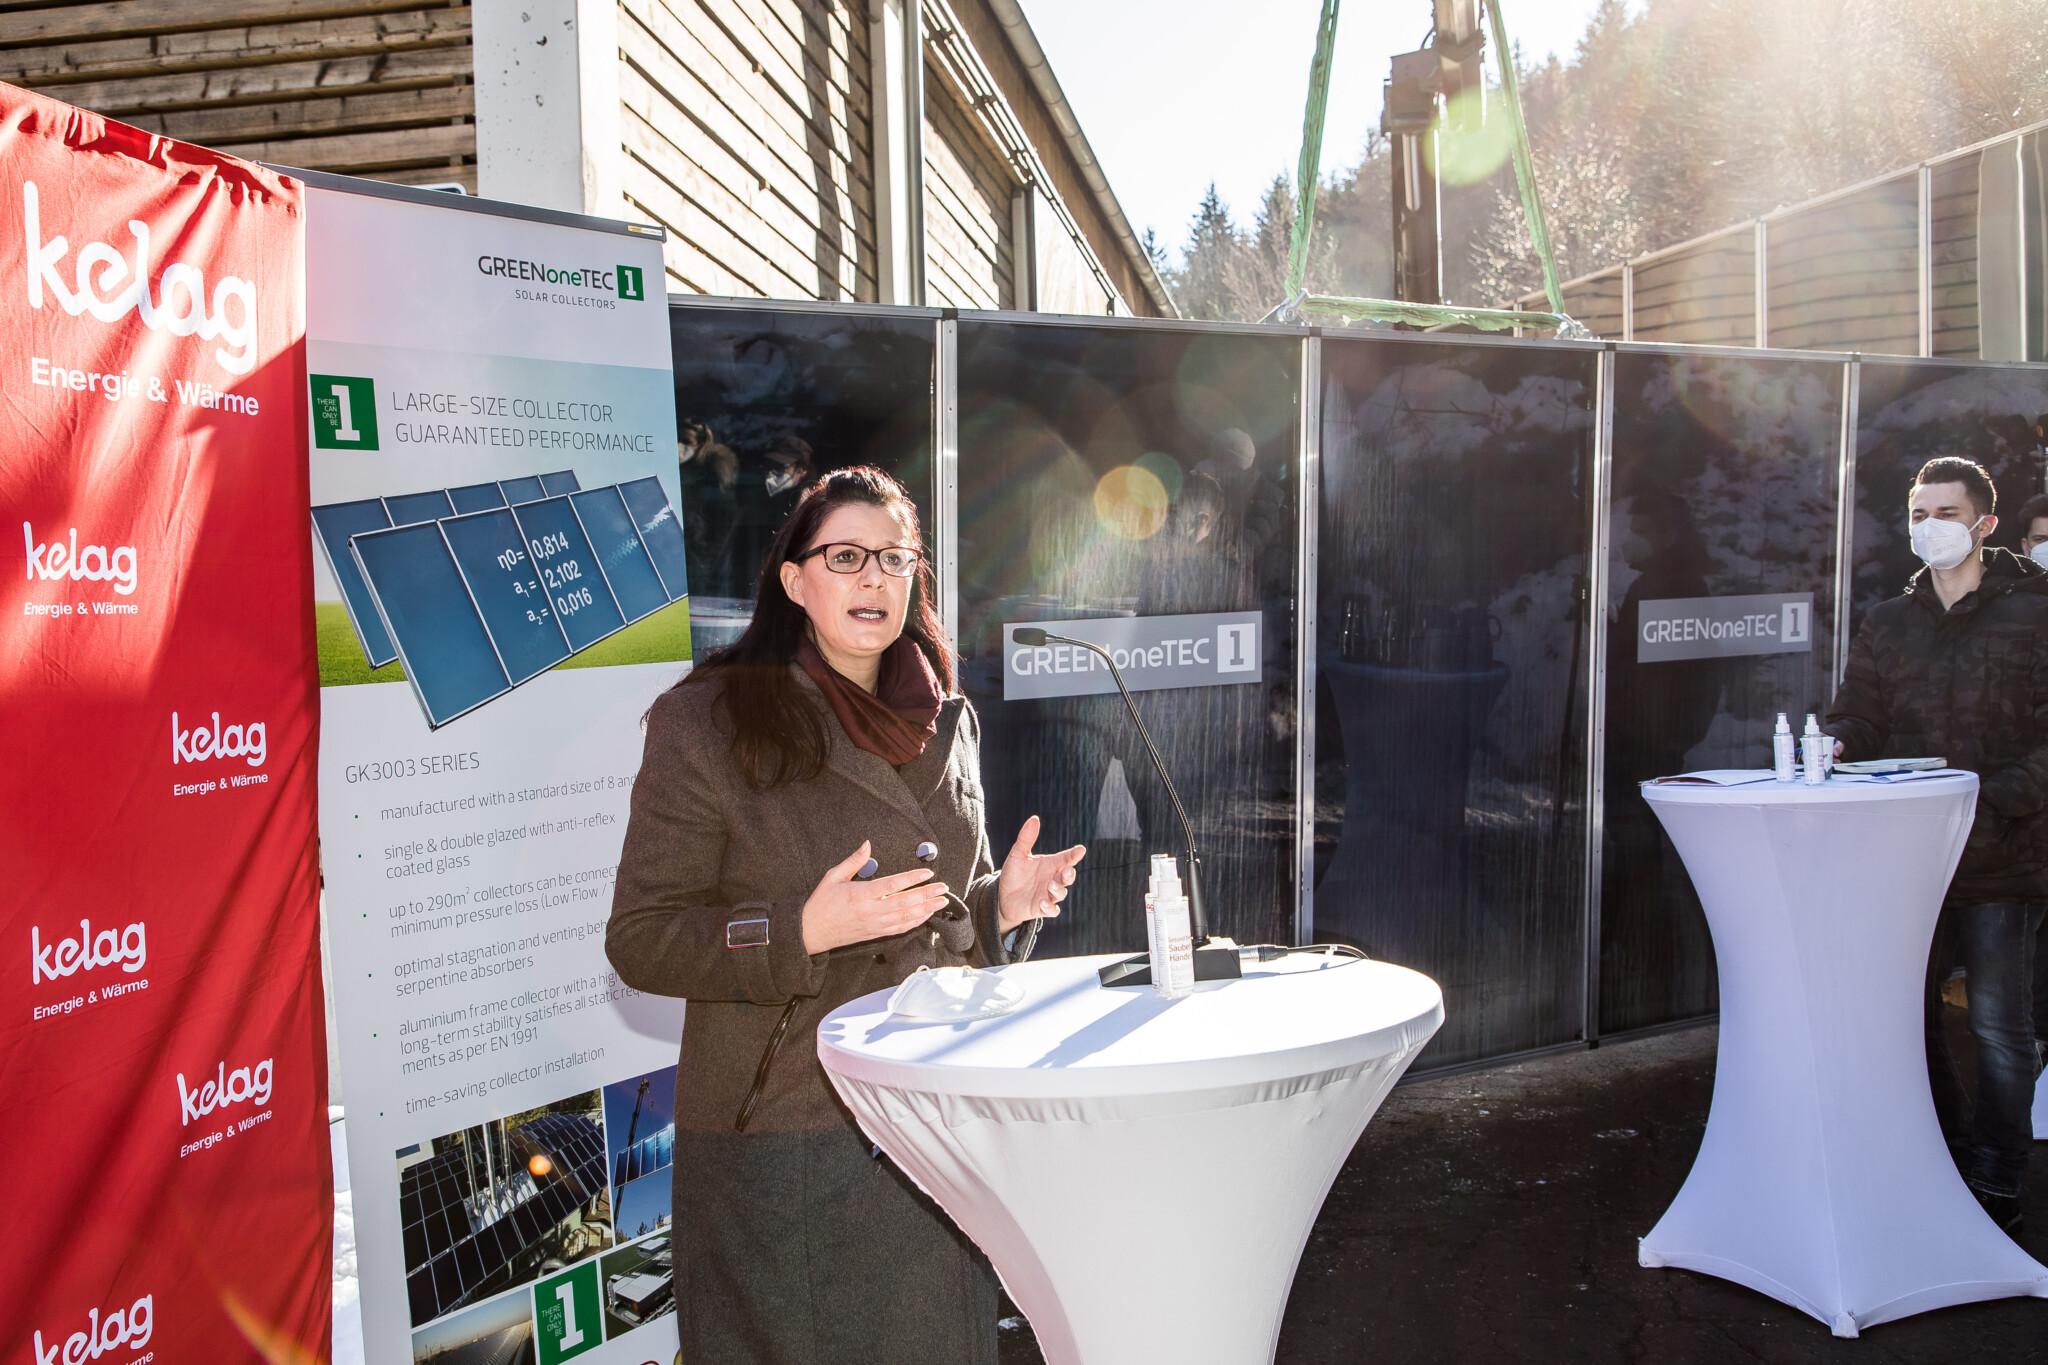 Landesrätin Sara Schaar freut sich über die Errichtung des Musterprojektes im Sinne des Klimaschutzes.